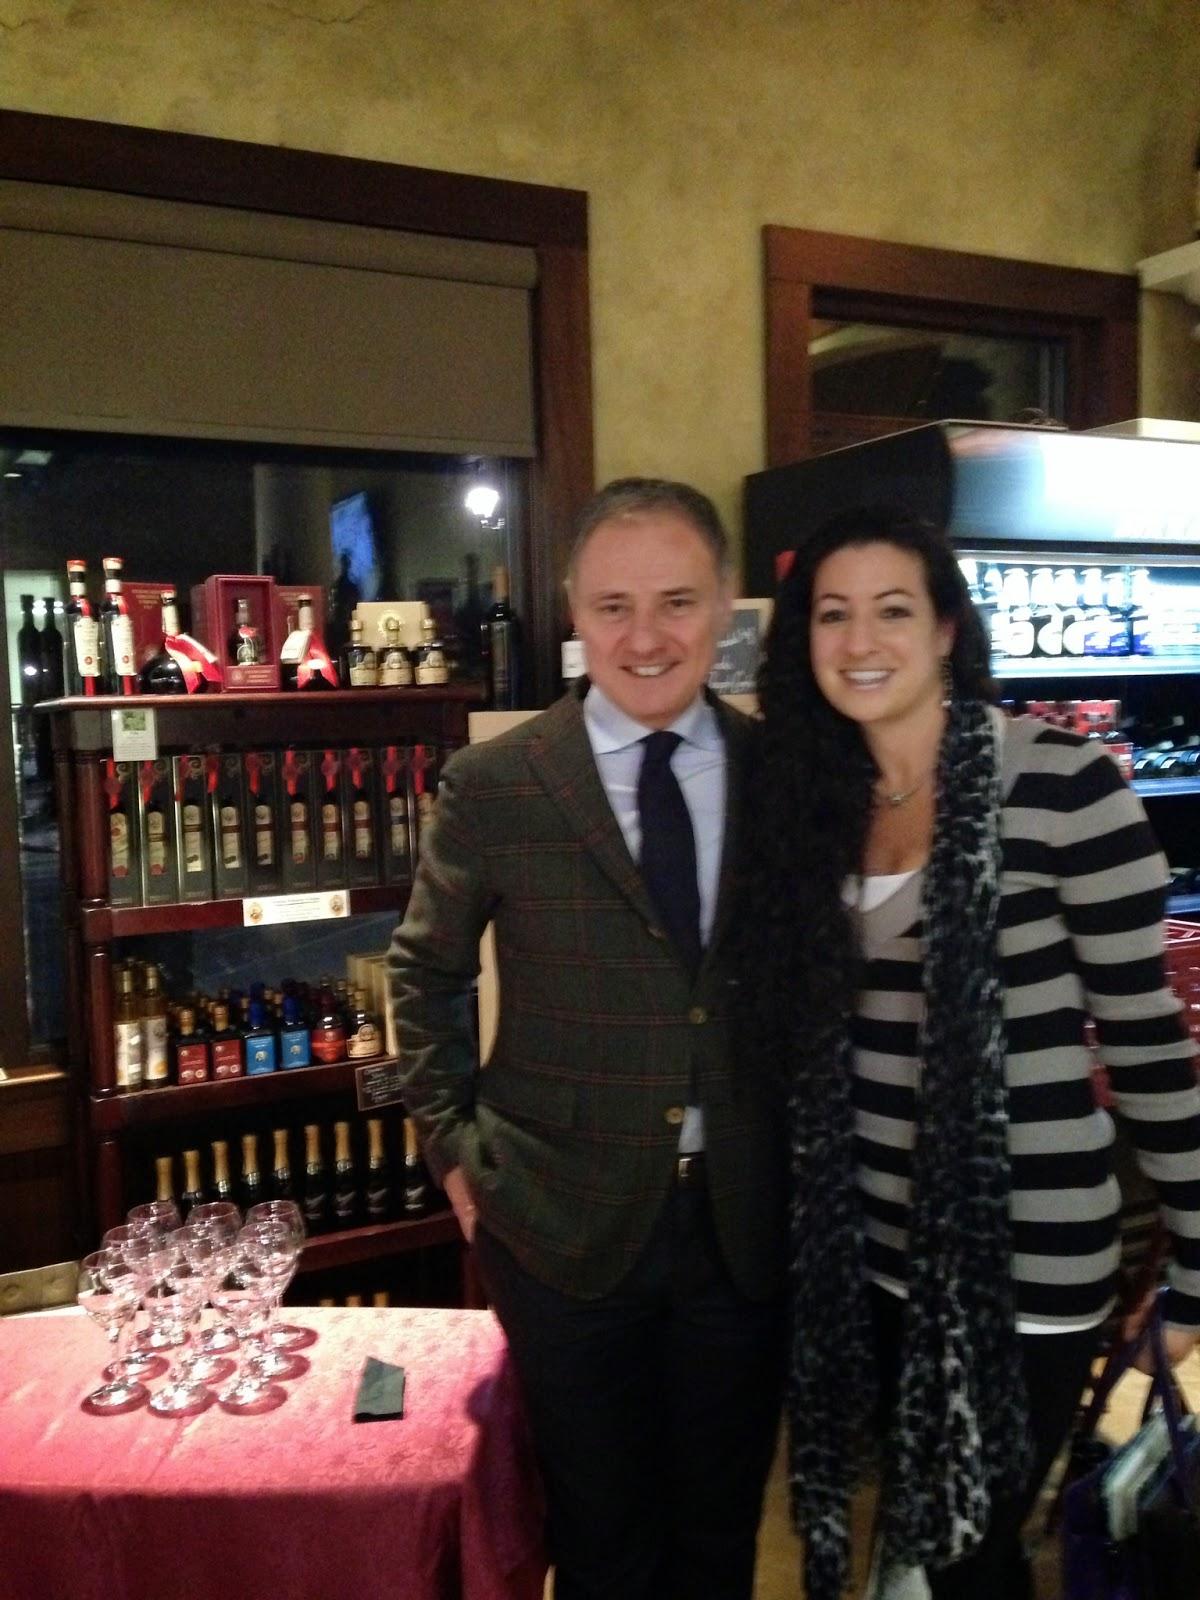 Winemaker Andrea Cecchi from Cecchi winery